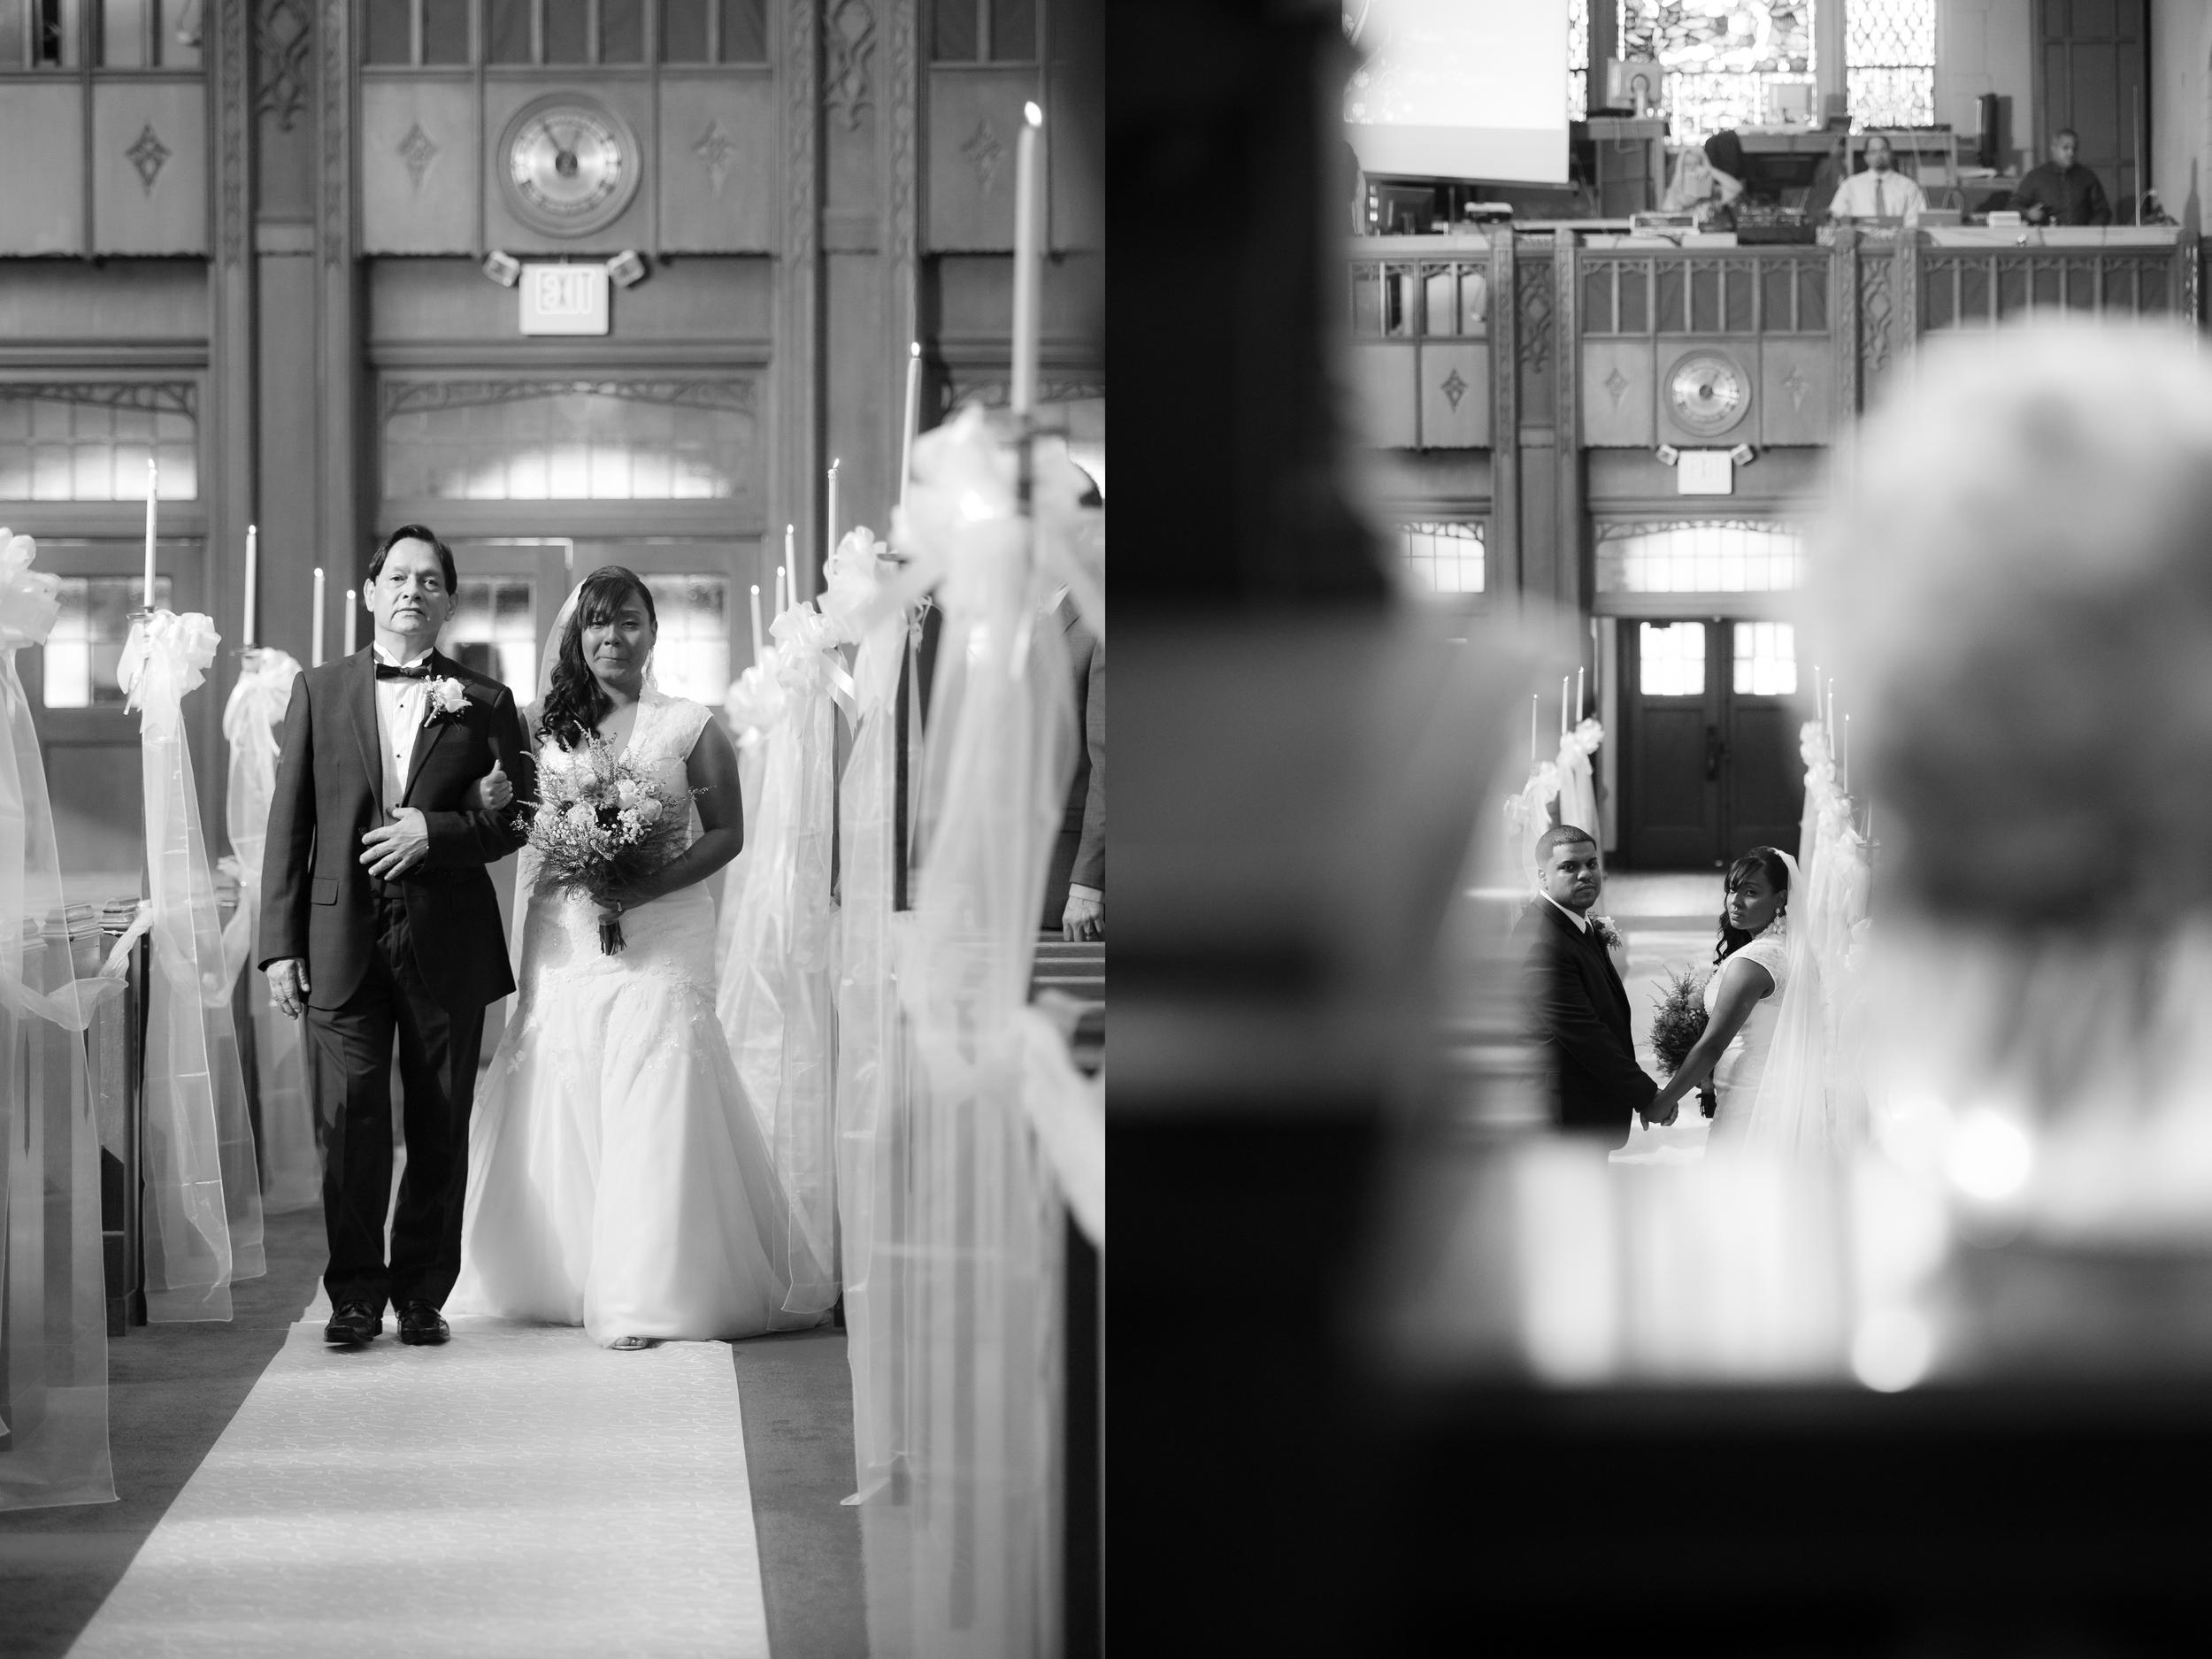 Isela-Josh-Wedding-Garcia-Photography-3908-4293.jpg